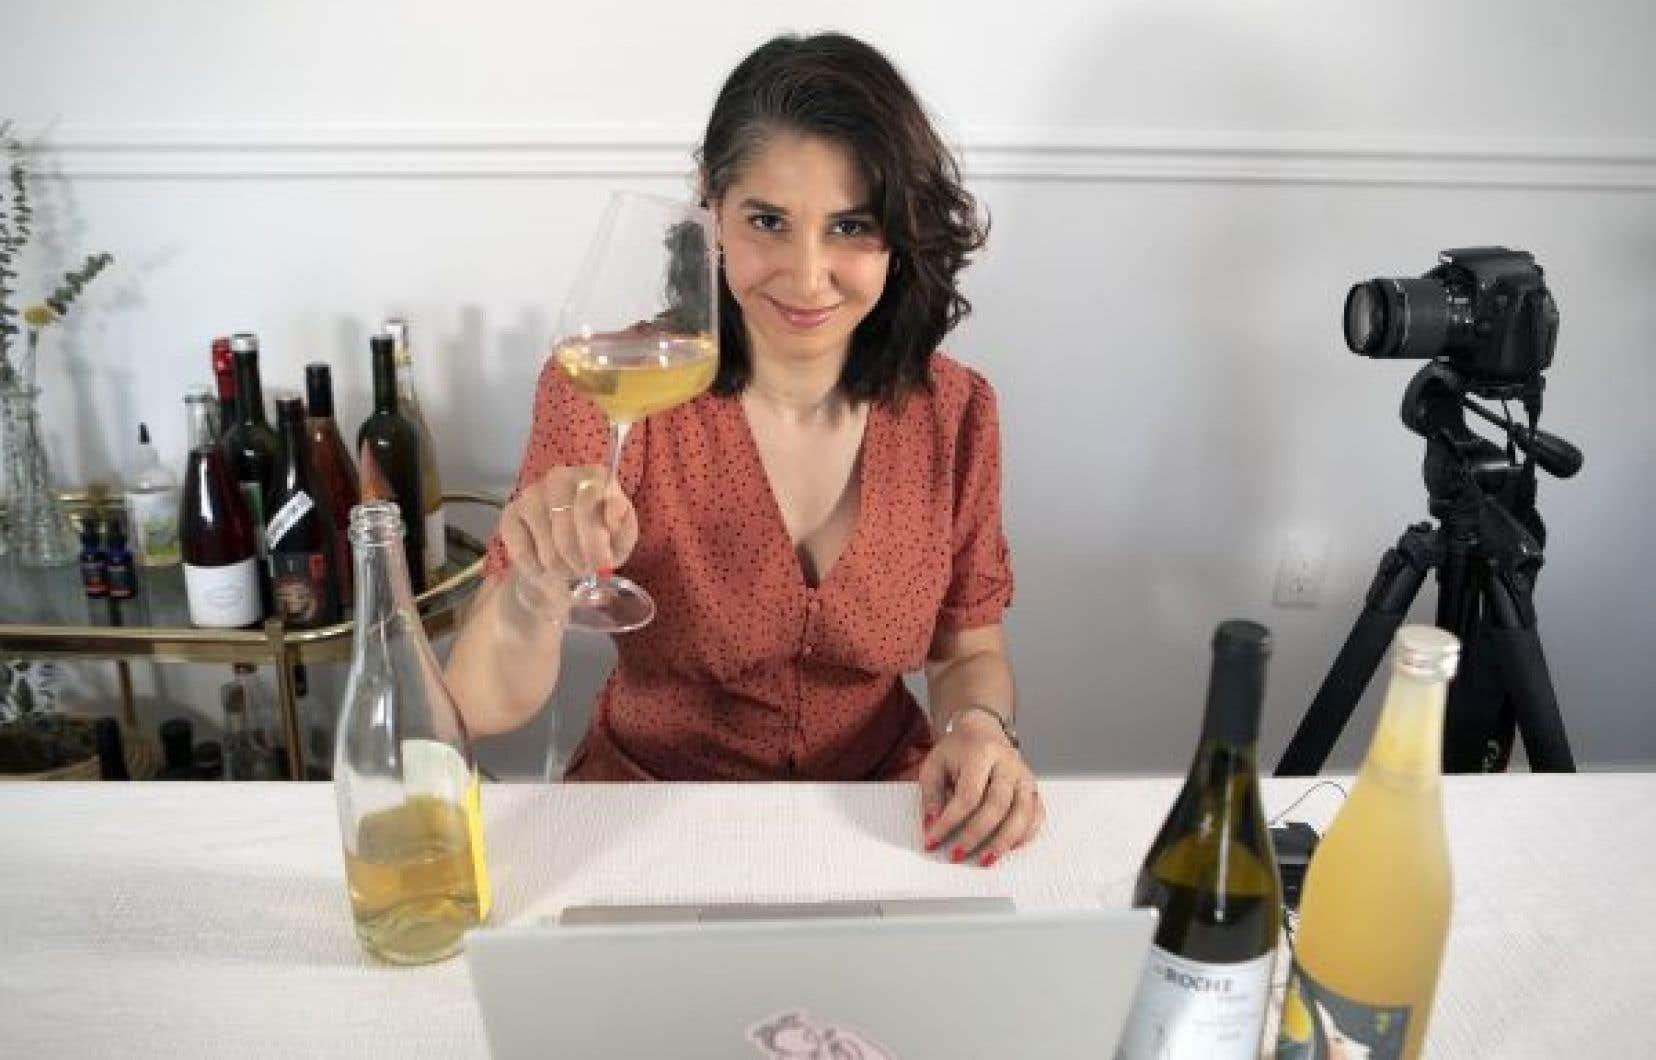 Par l'entremise d'ateliers thématiques Asma Ben Tanfous décomplexifie le lexique du vin et présente des vignerons, sommeliers, importateurs et autres acteurs influents.